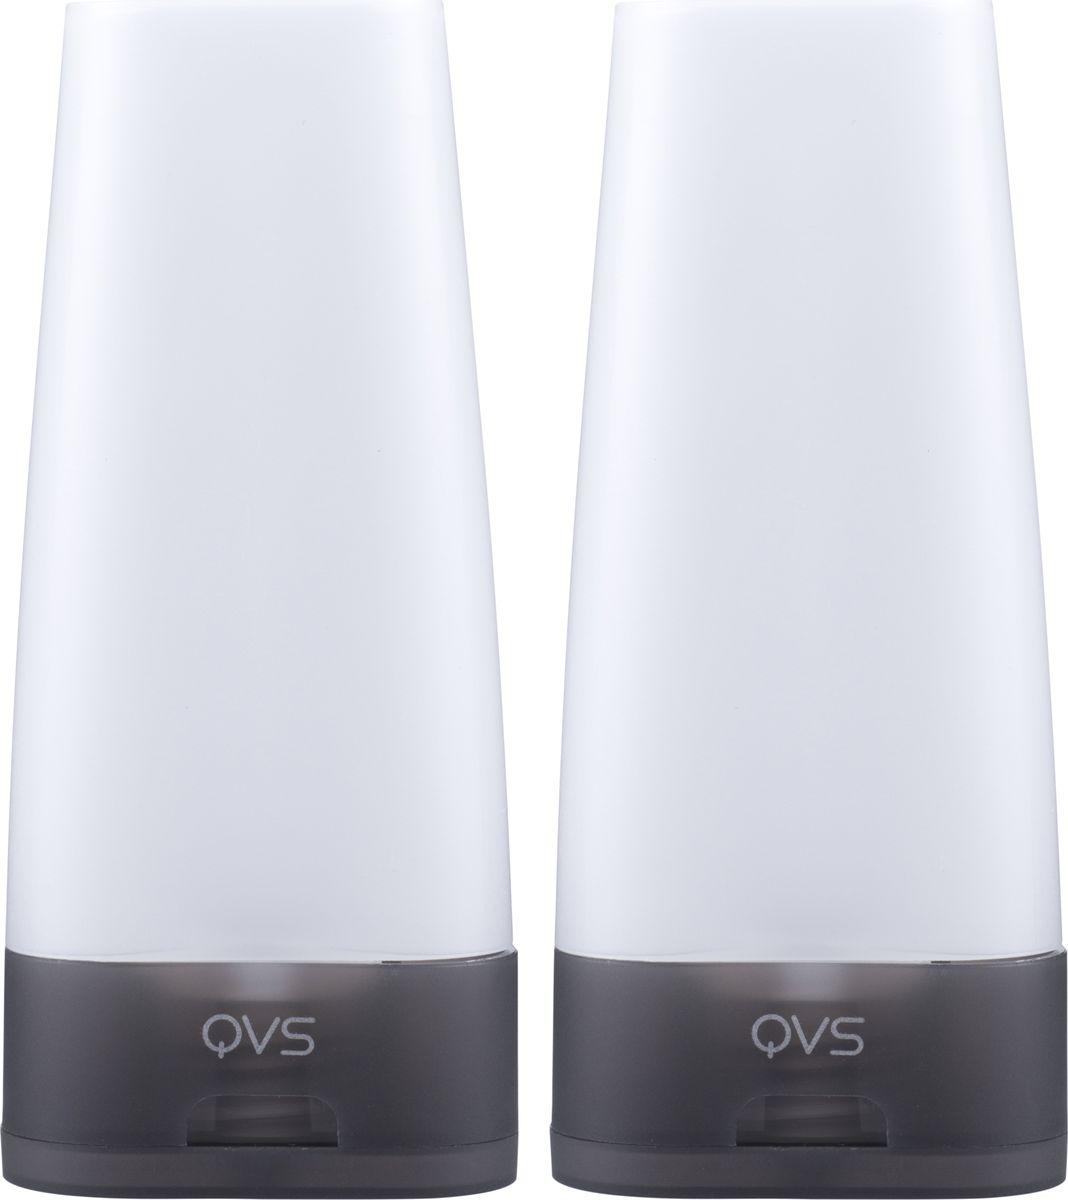 QVS Дорожные флаконы, 2 шт. 82-10-172382-10-172380мл Возьмите с собой в путешествие любимые косметические средства в нужном вам количестве! Налейте в дорожные флаконы шампунь, средство для снятия макияжа или увлажняющий крем Благодаря уникальному дизайну флаконы устойчиво стоят на поверхности, а их содержимое естественным образом стекает по направлению к диспенсеру